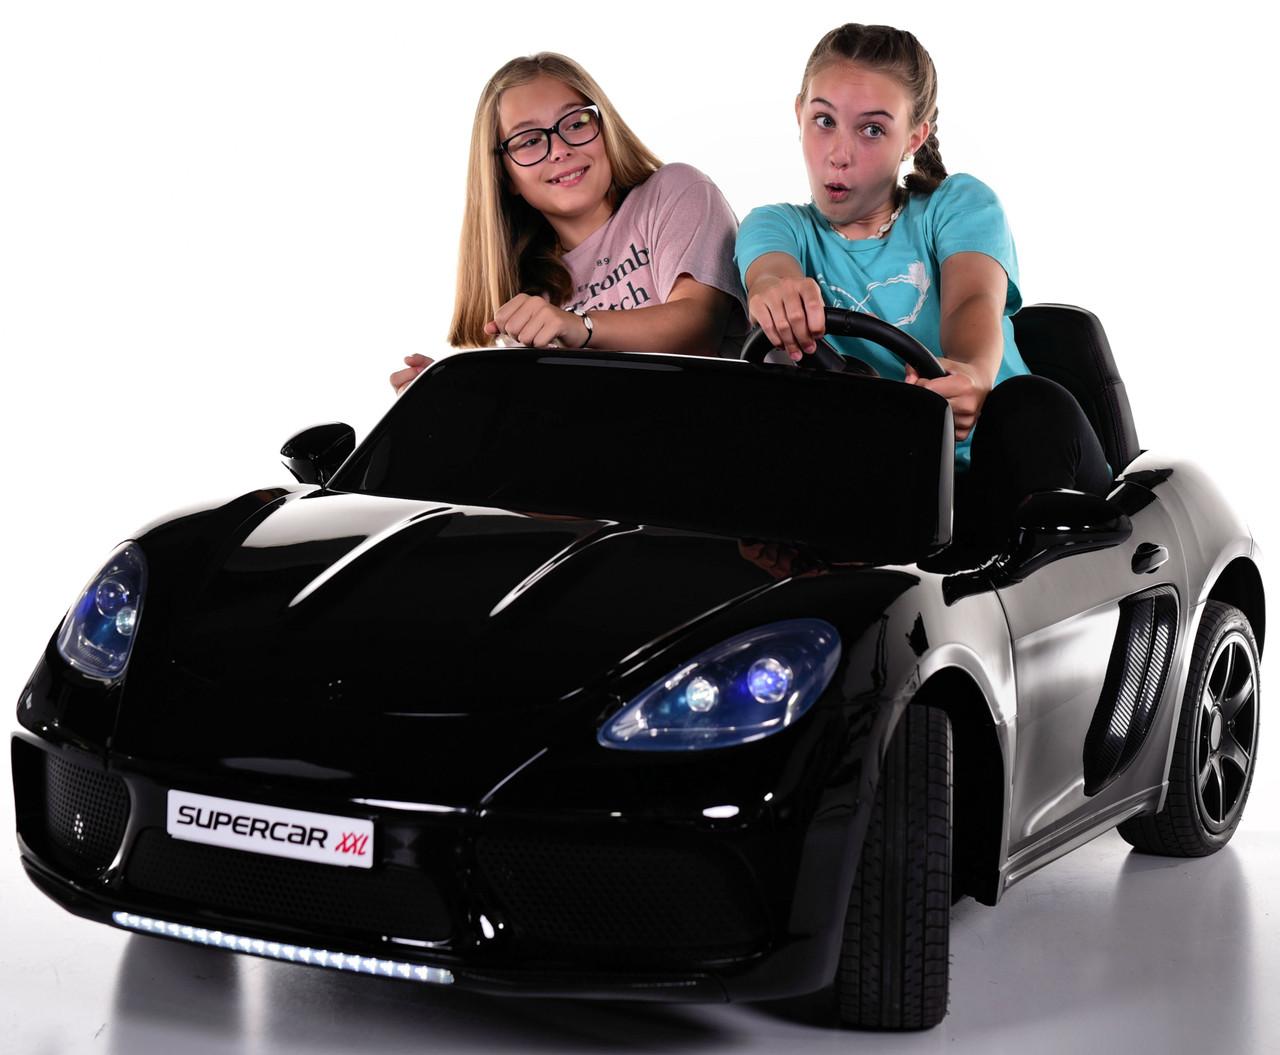 24 v super sport xxl ride on kids car kids to adults